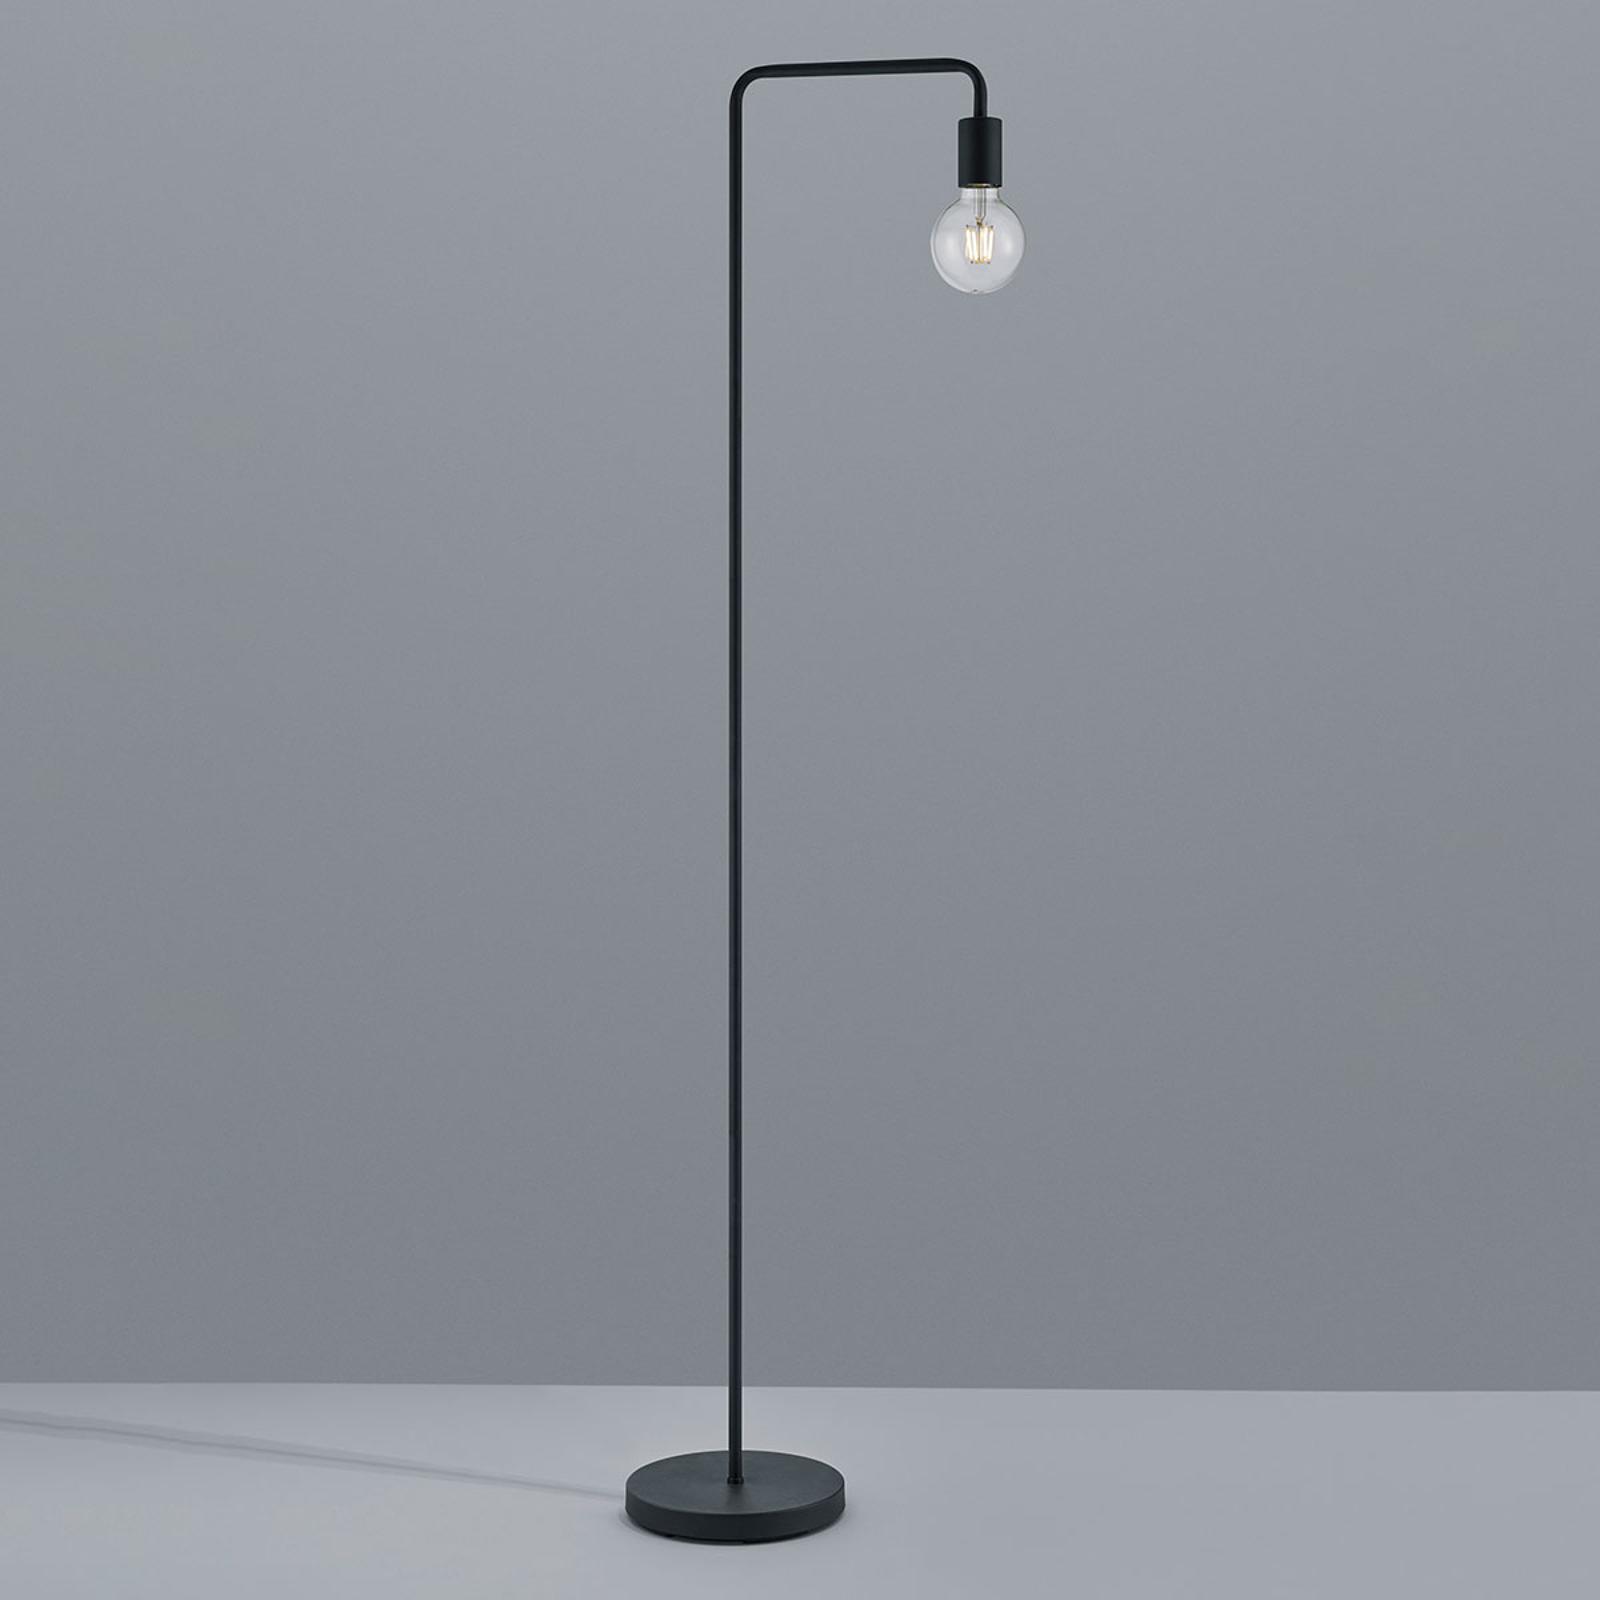 Lampa stojąca Diallo bez klosza, czarny matowy